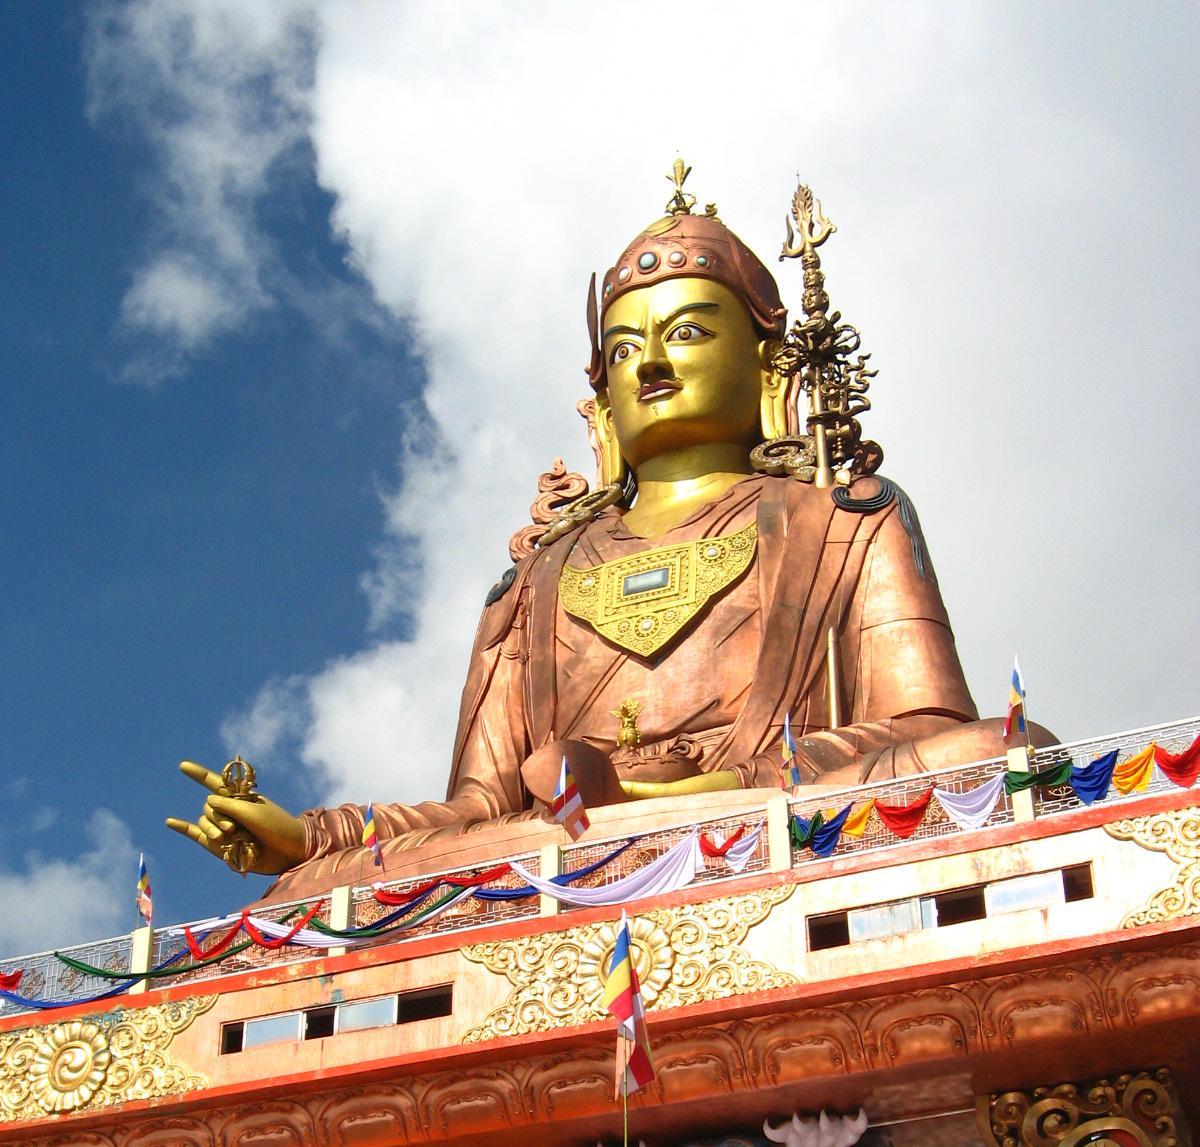 Namchi India  city photo : Estatua de Padmasambhava en Namchi Megaconstrucciones, Extreme ...